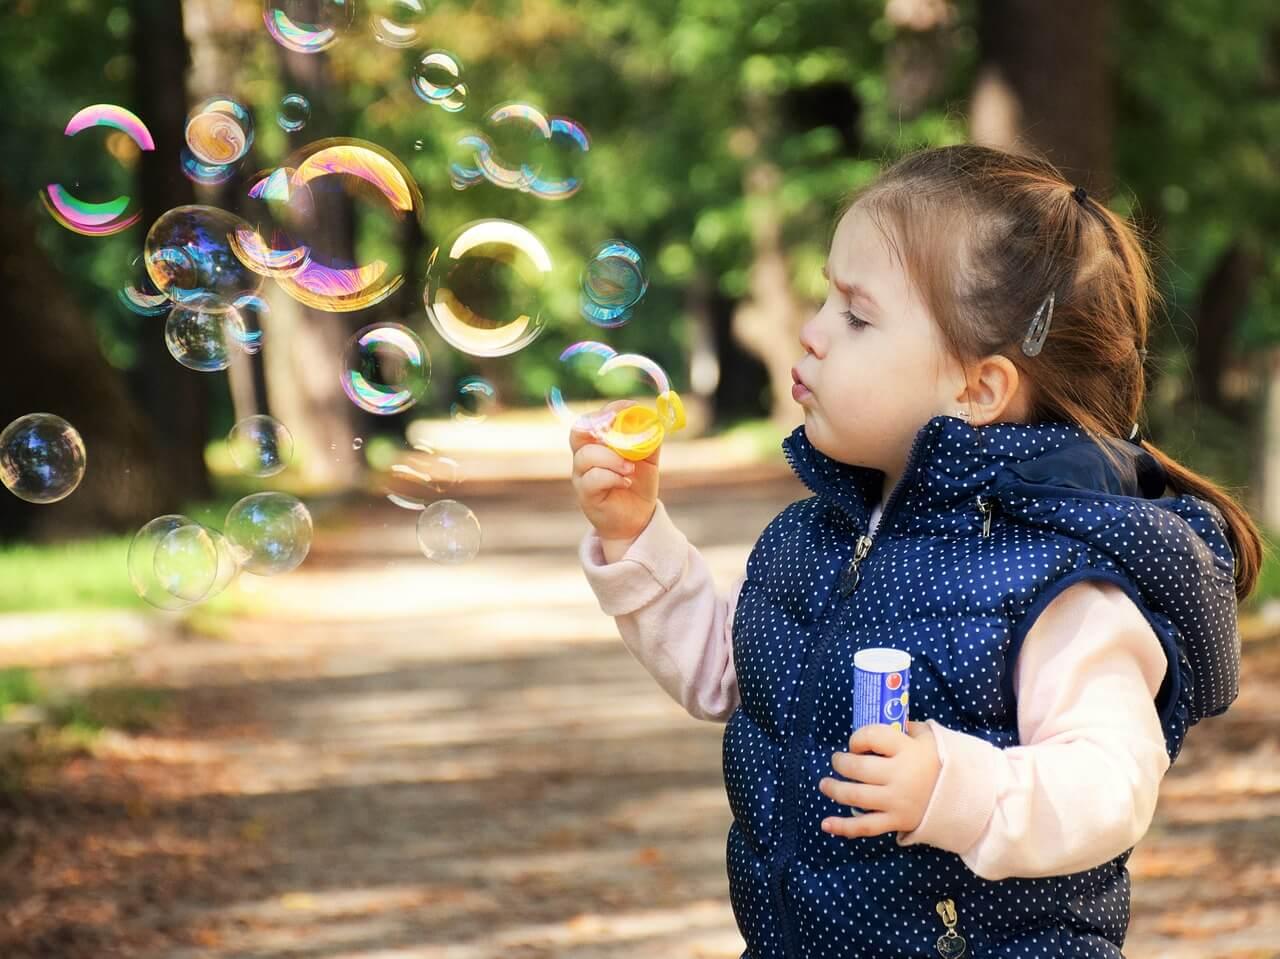 איך להעסיק את הילדים בתקופת החגים?